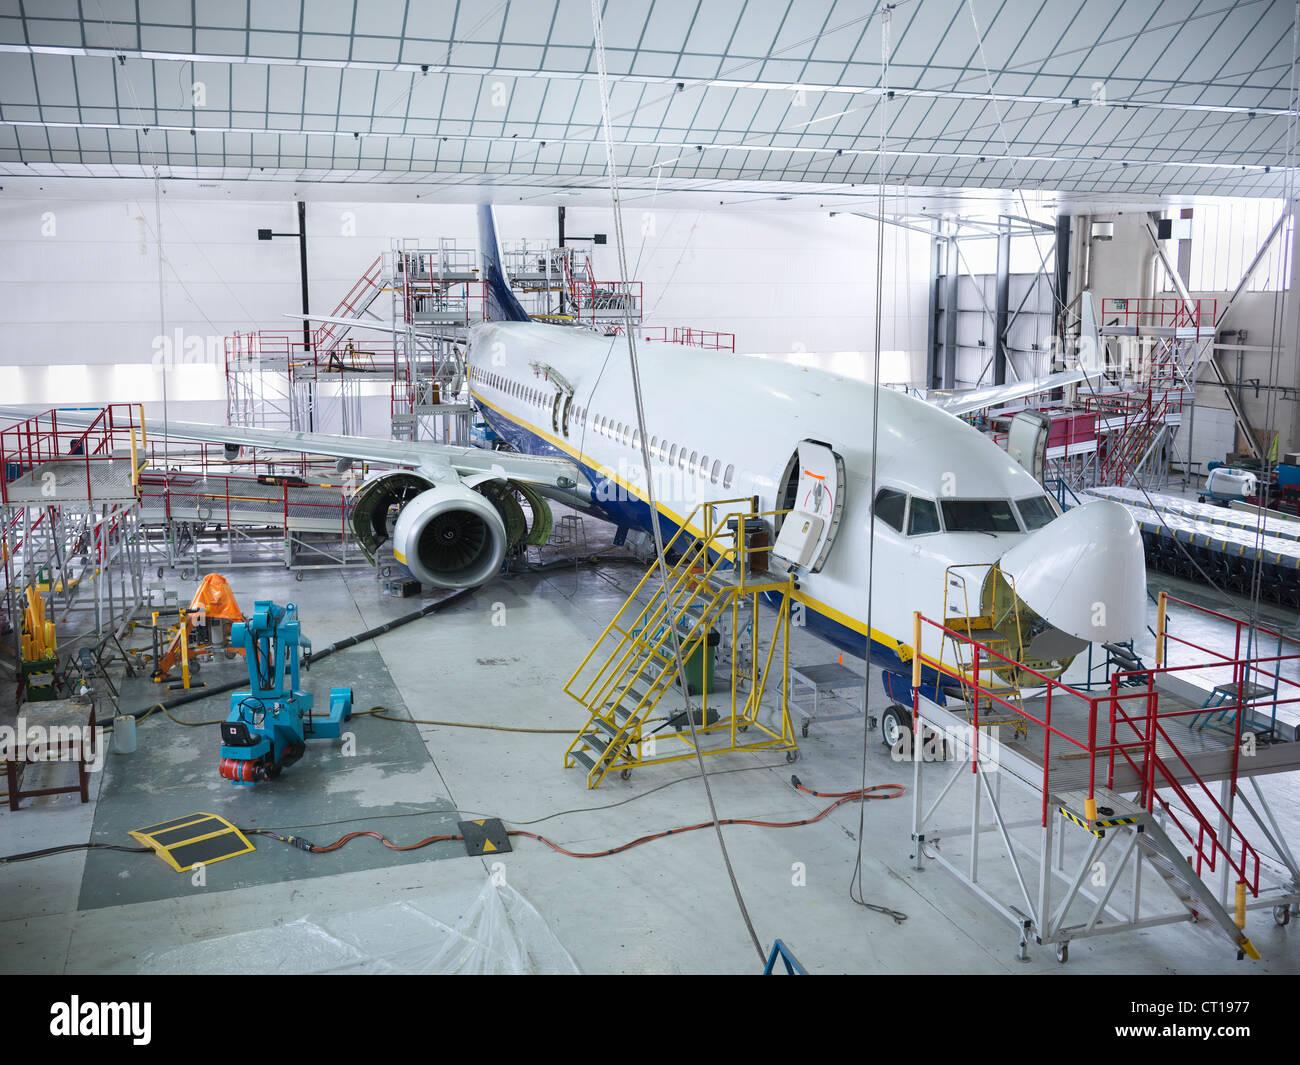 Avión construido en hangar Imagen De Stock